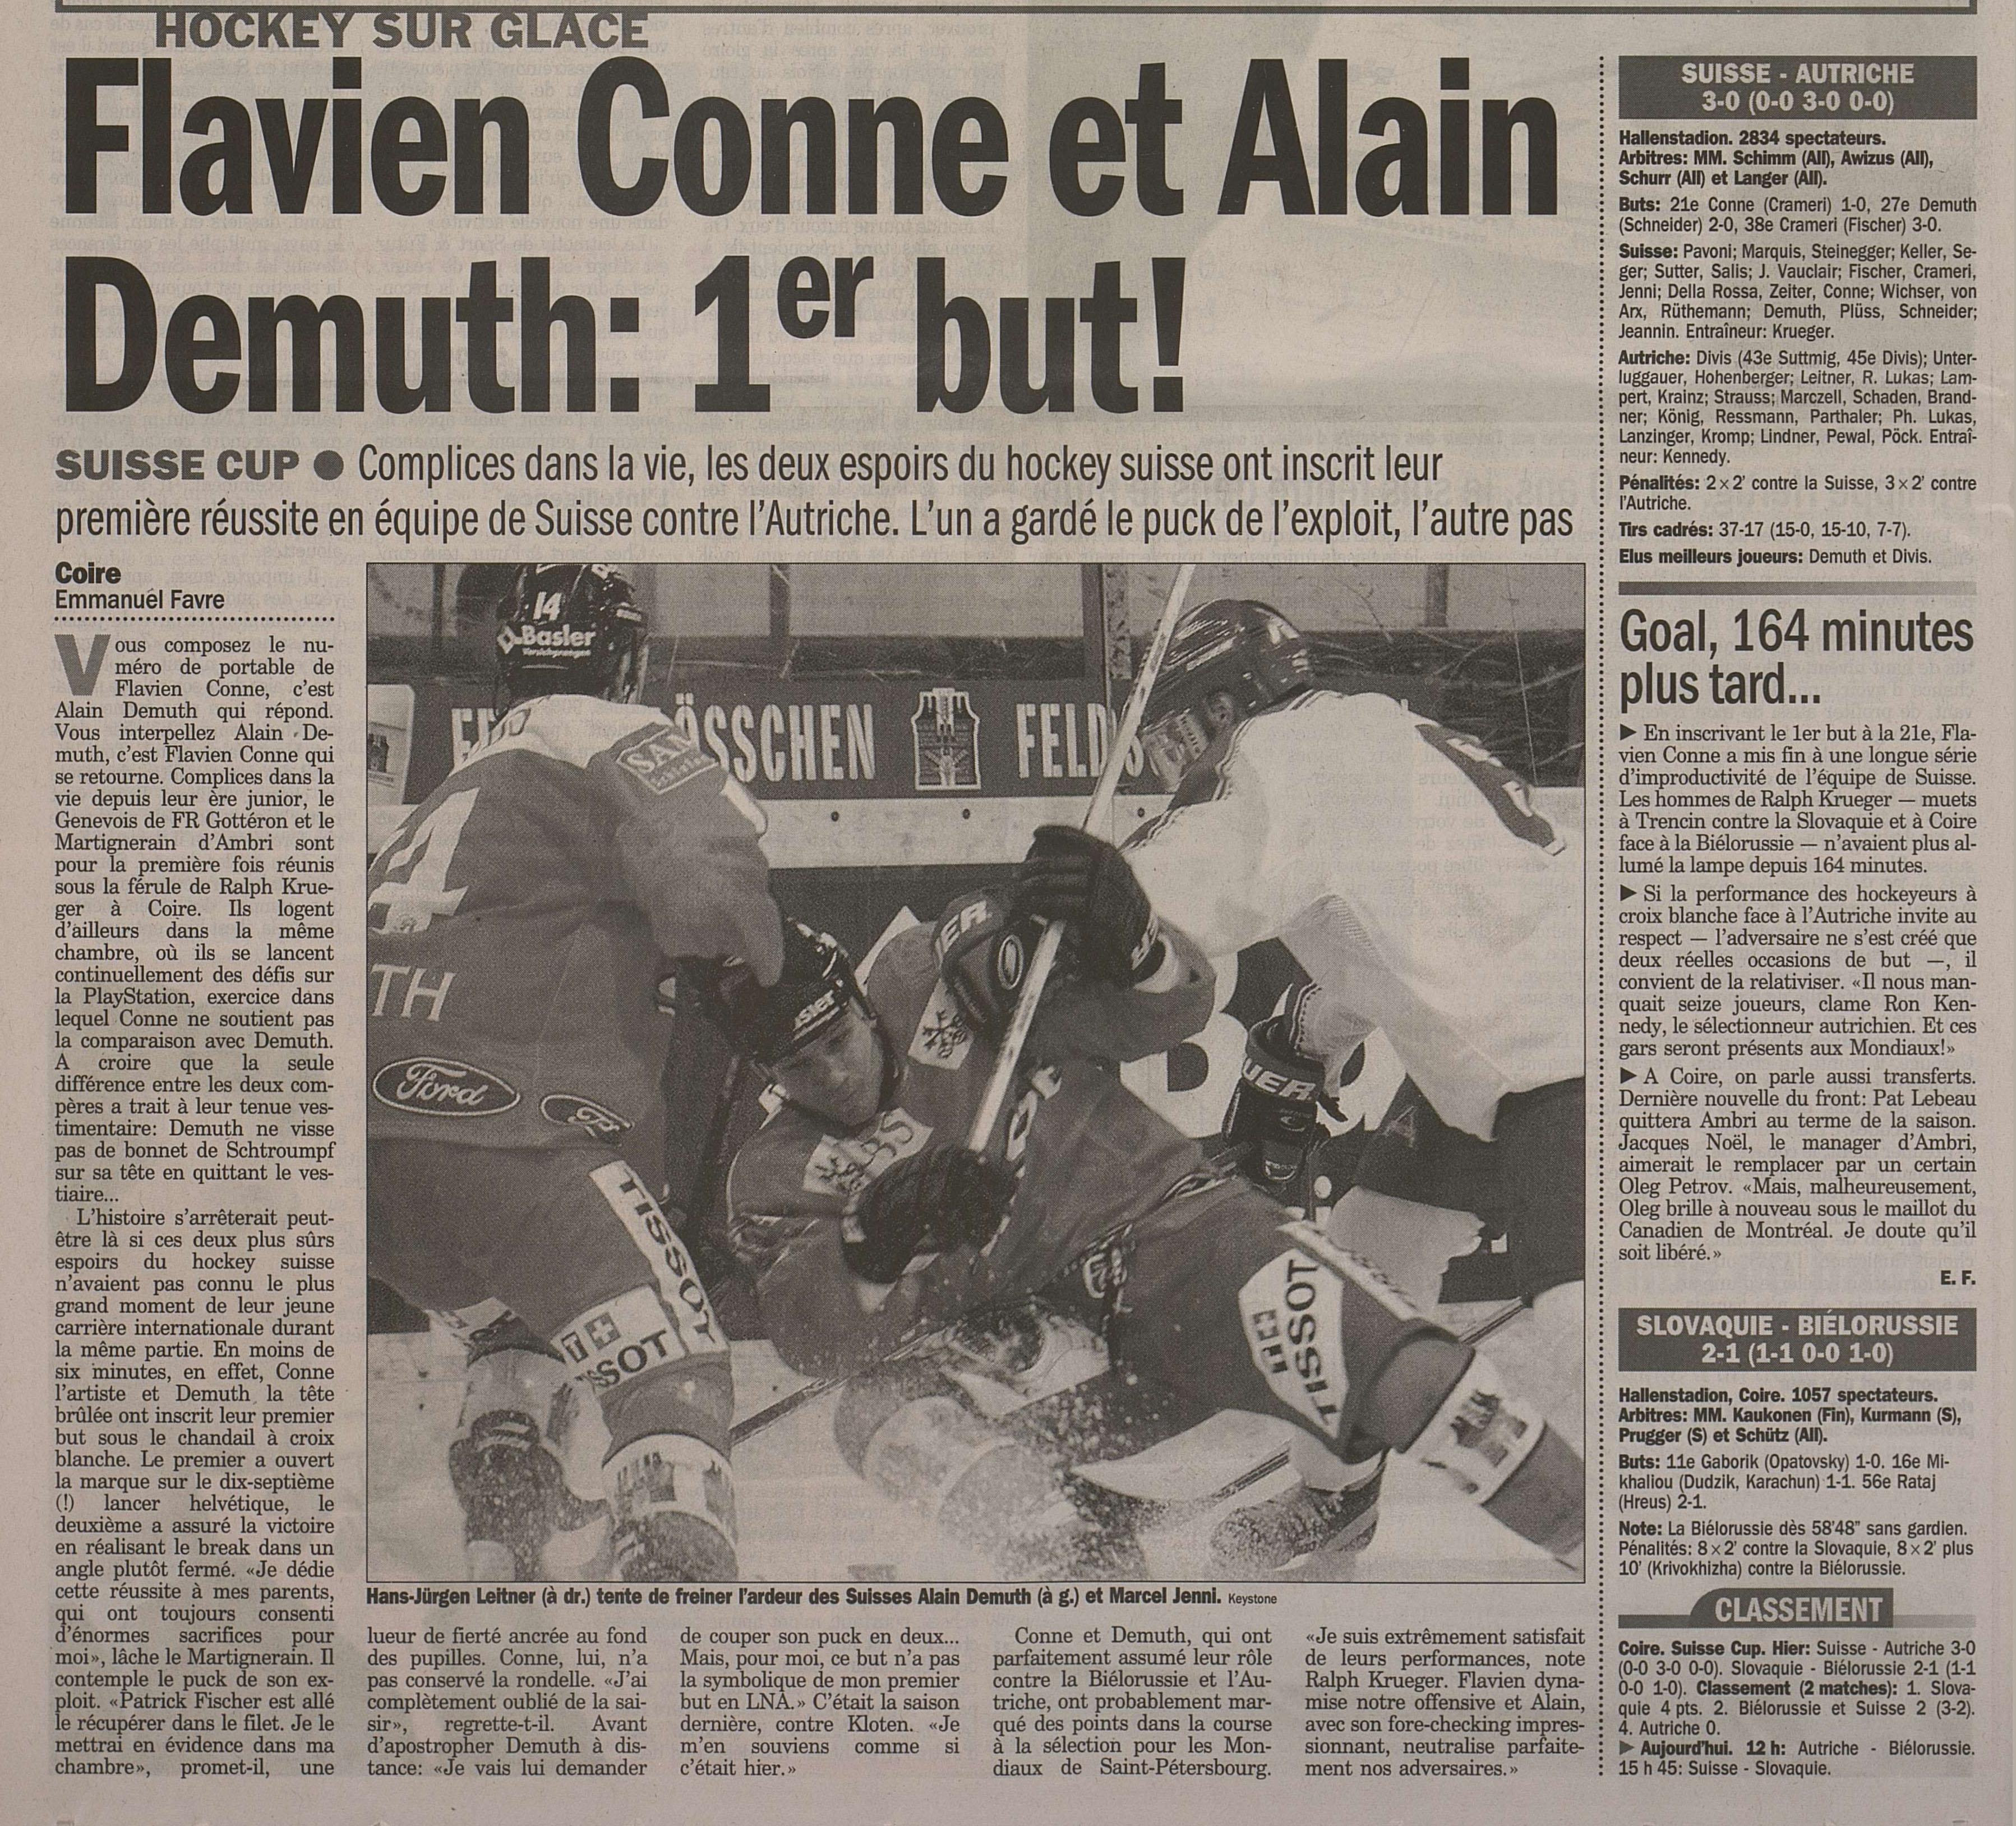 Le Matin - Tribune de Lausanne_20000213_2yghbf.jpg